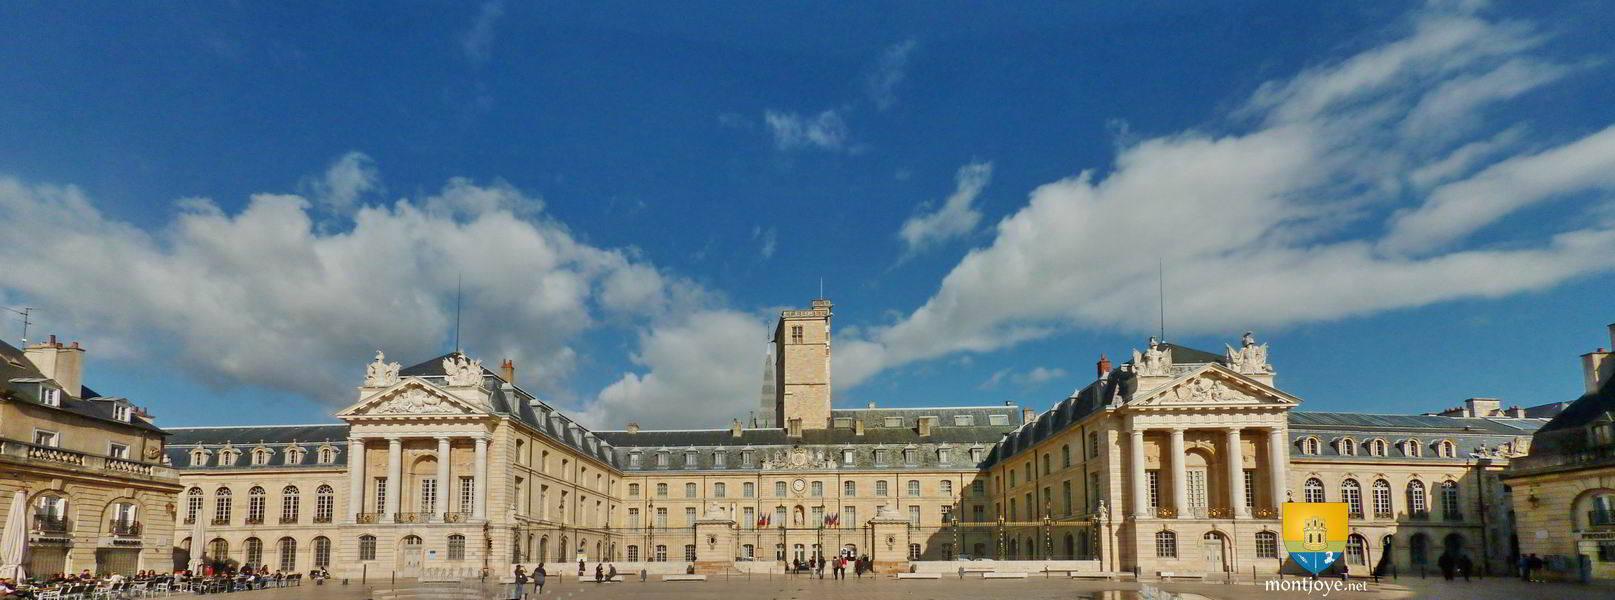 Tour Philippe le Bon, Palais des Ducs, Dijon